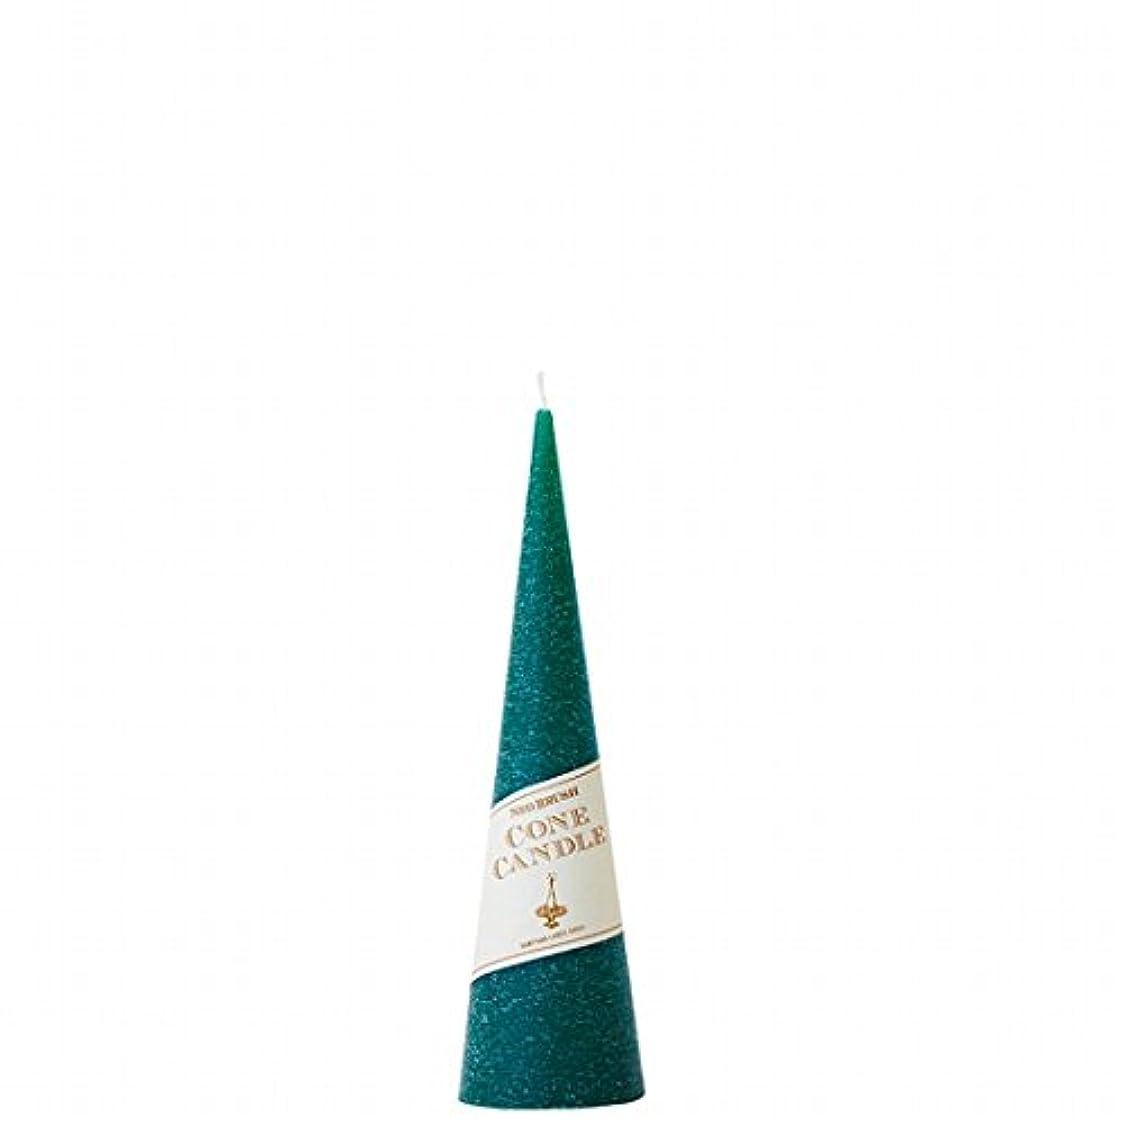 後退する逆祈りカメヤマキャンドル(kameyama candle) ネオブラッシュコーン 180 キャンドル 「 グリーン 」